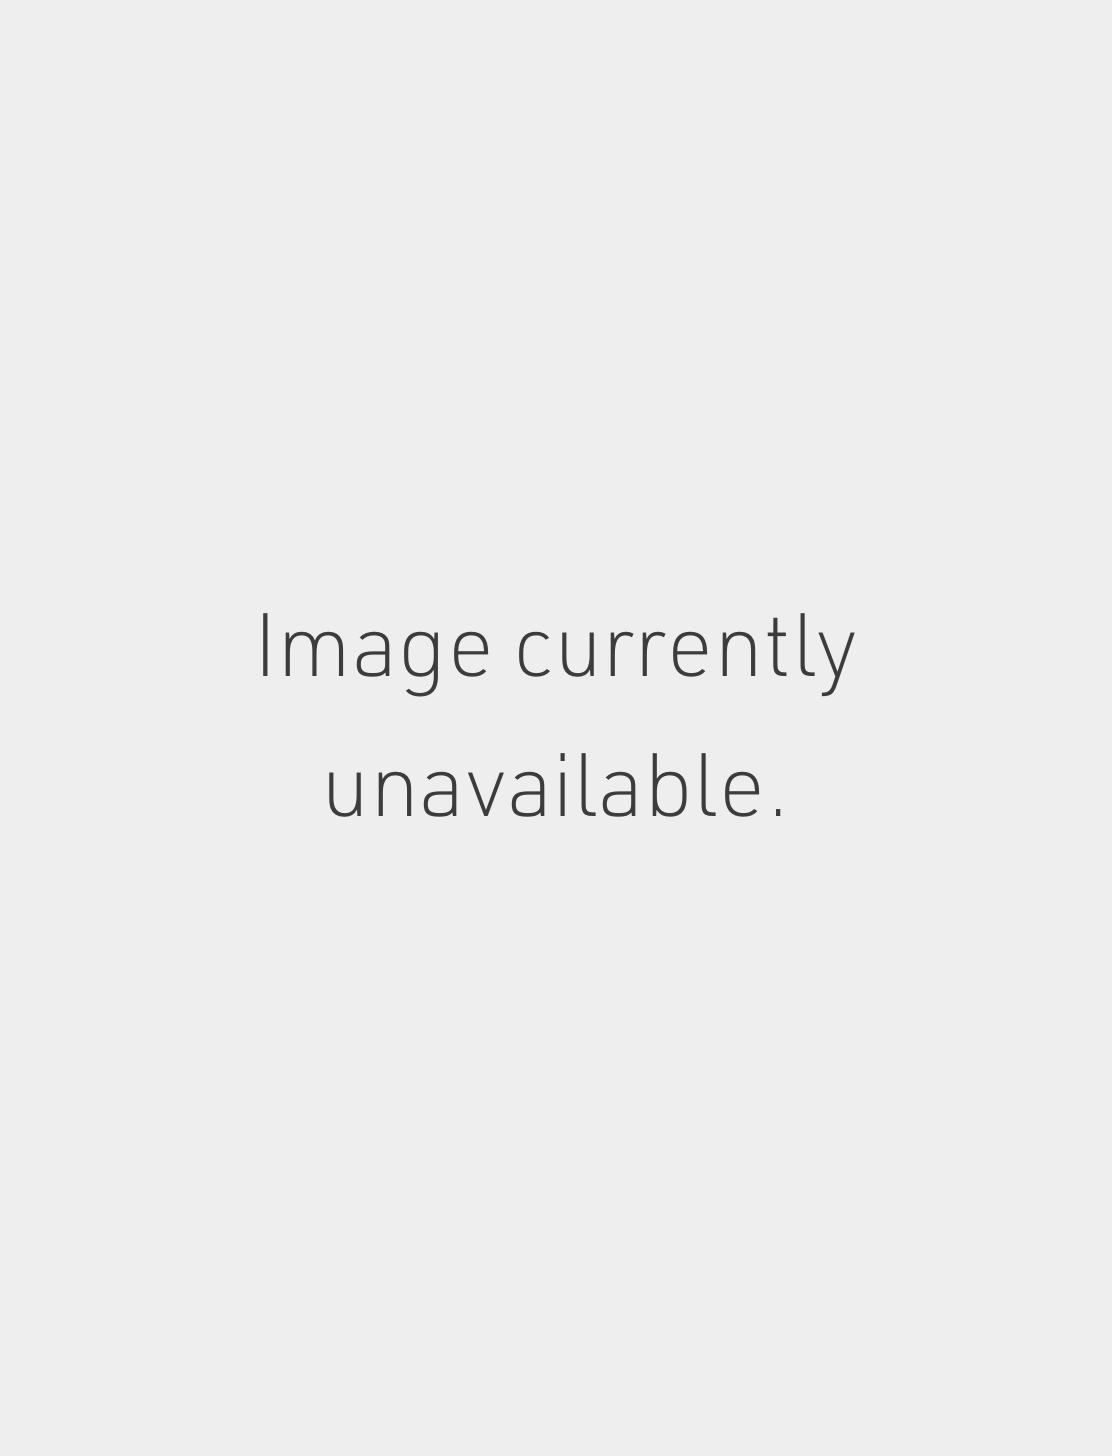 """1/4"""" Black Diamond Ouroboros Ring - WHITE GOLD Image #2"""